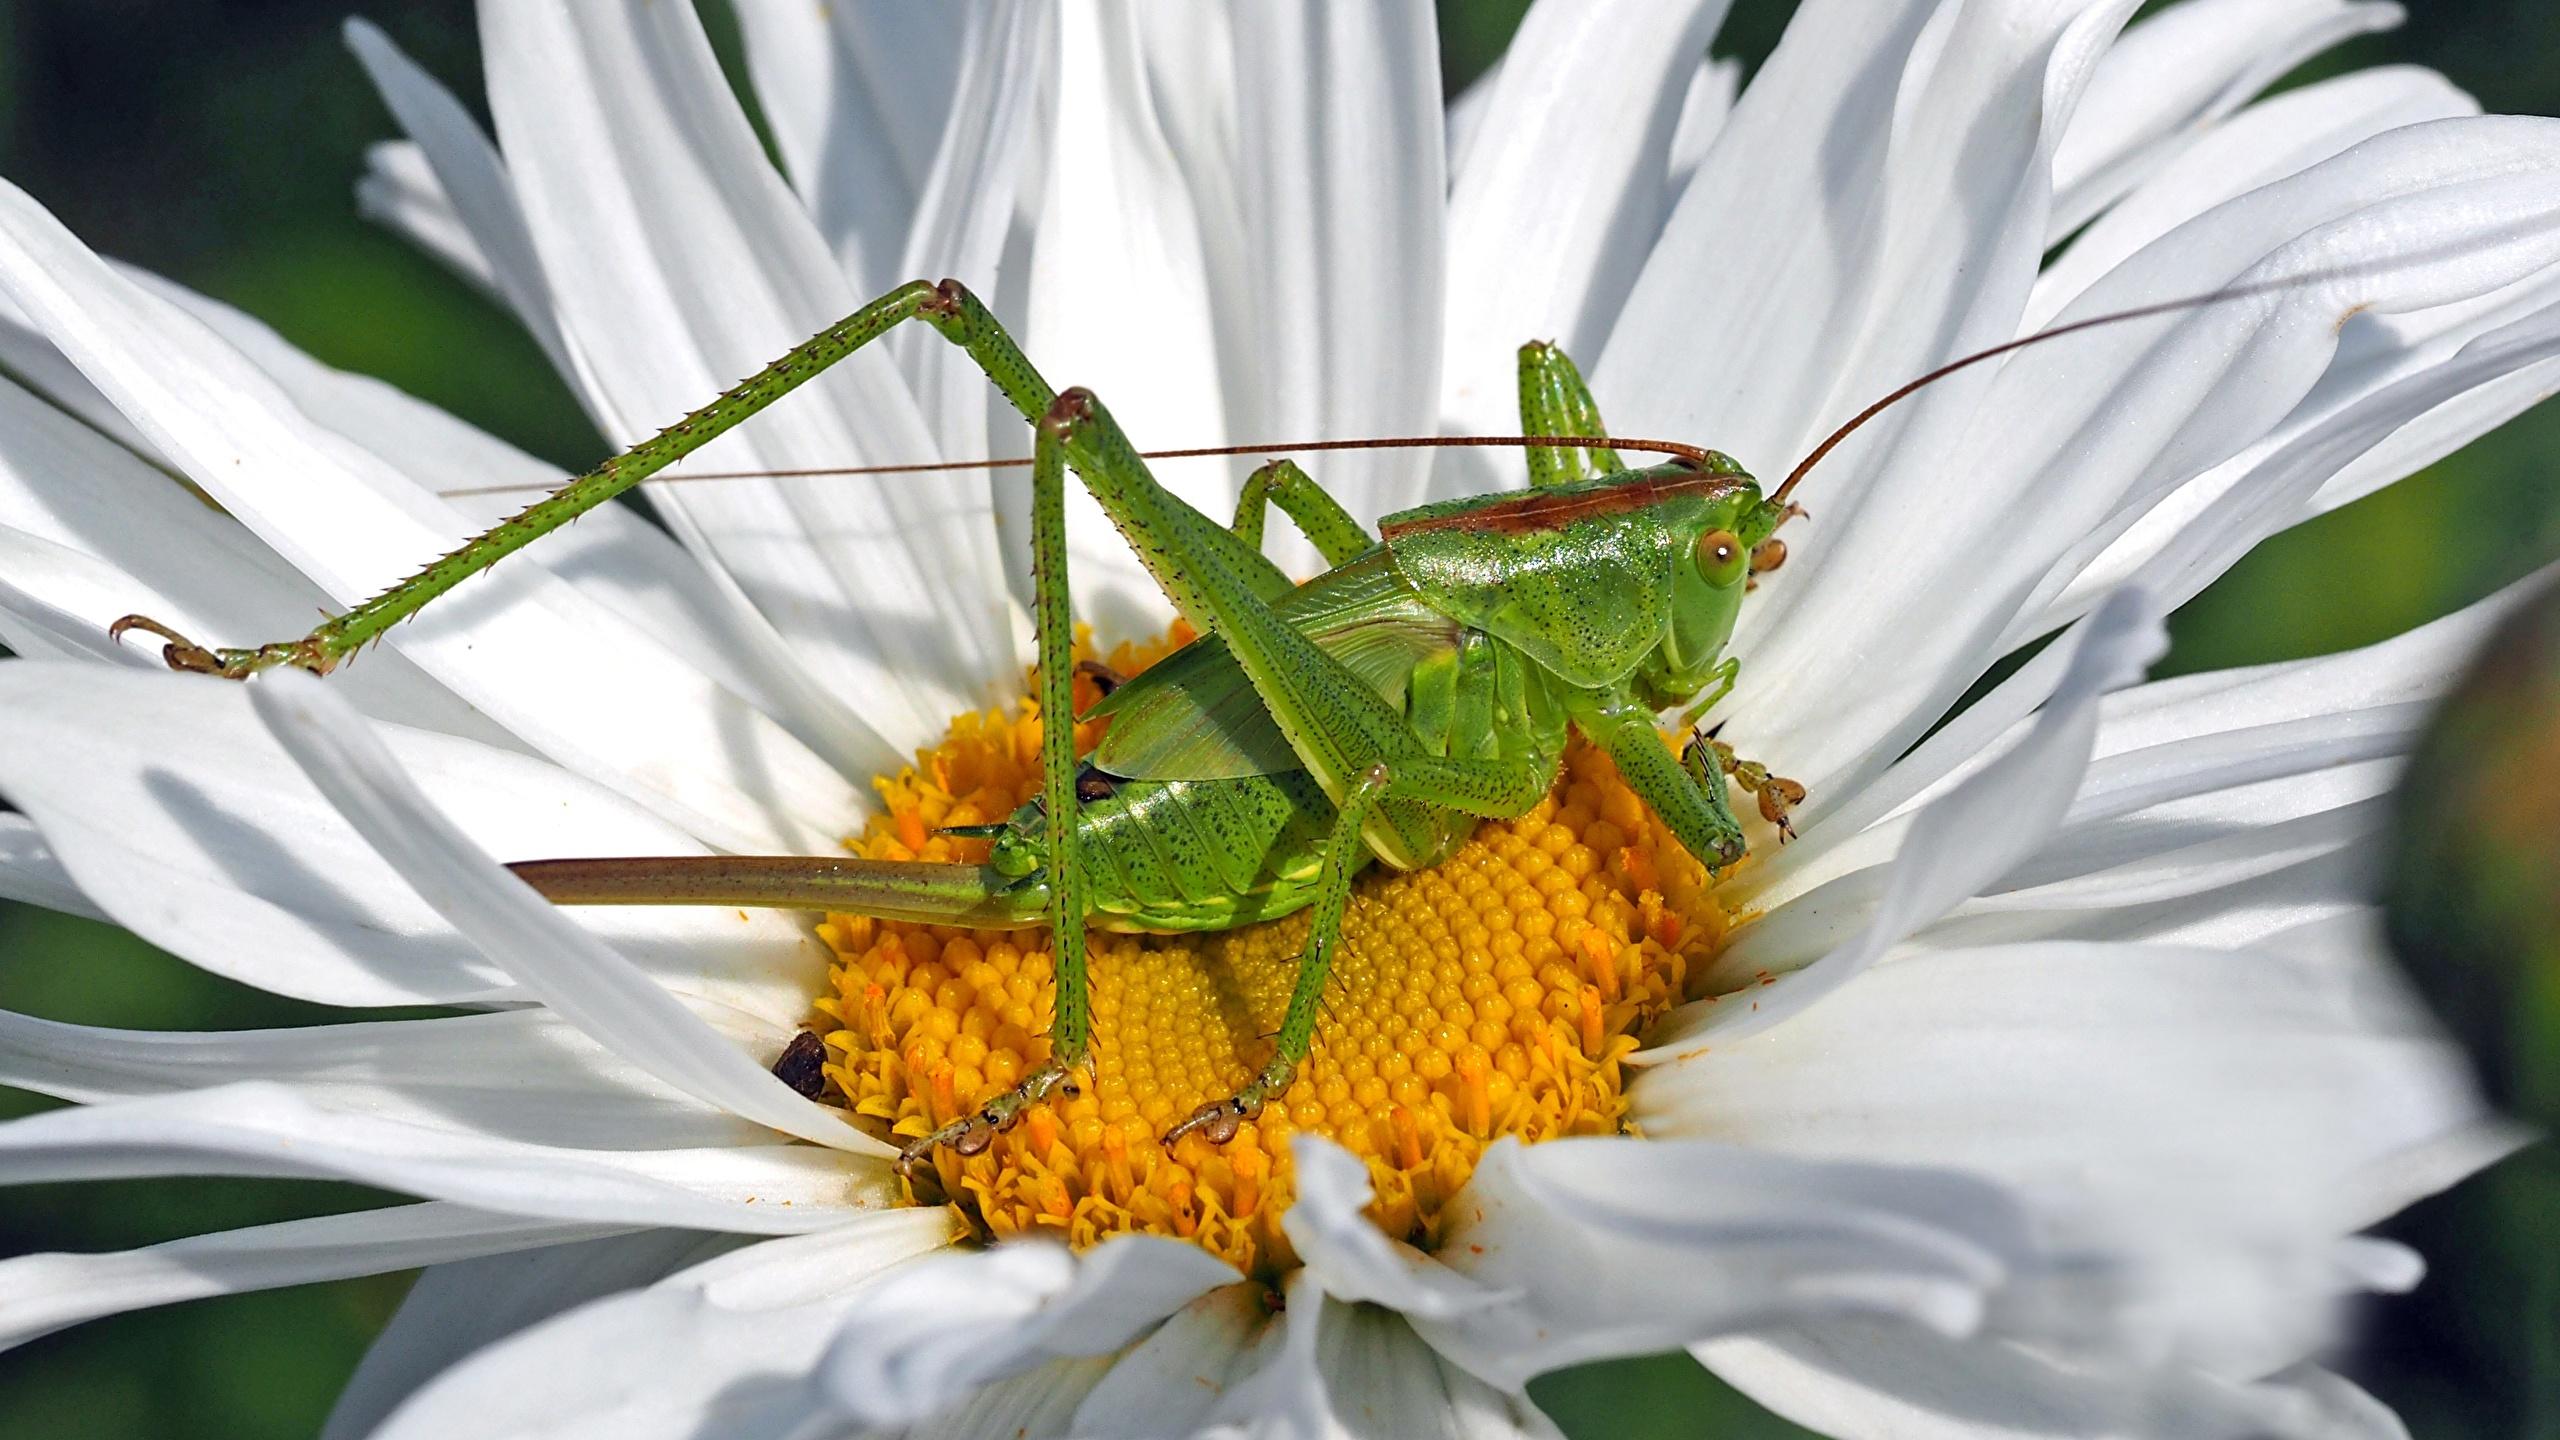 Bilder von Insekten Heuschrecken Tettigonia Viridissima female Grün Blumen Kamillen hautnah 2560x1440 Blüte Nahaufnahme Großansicht